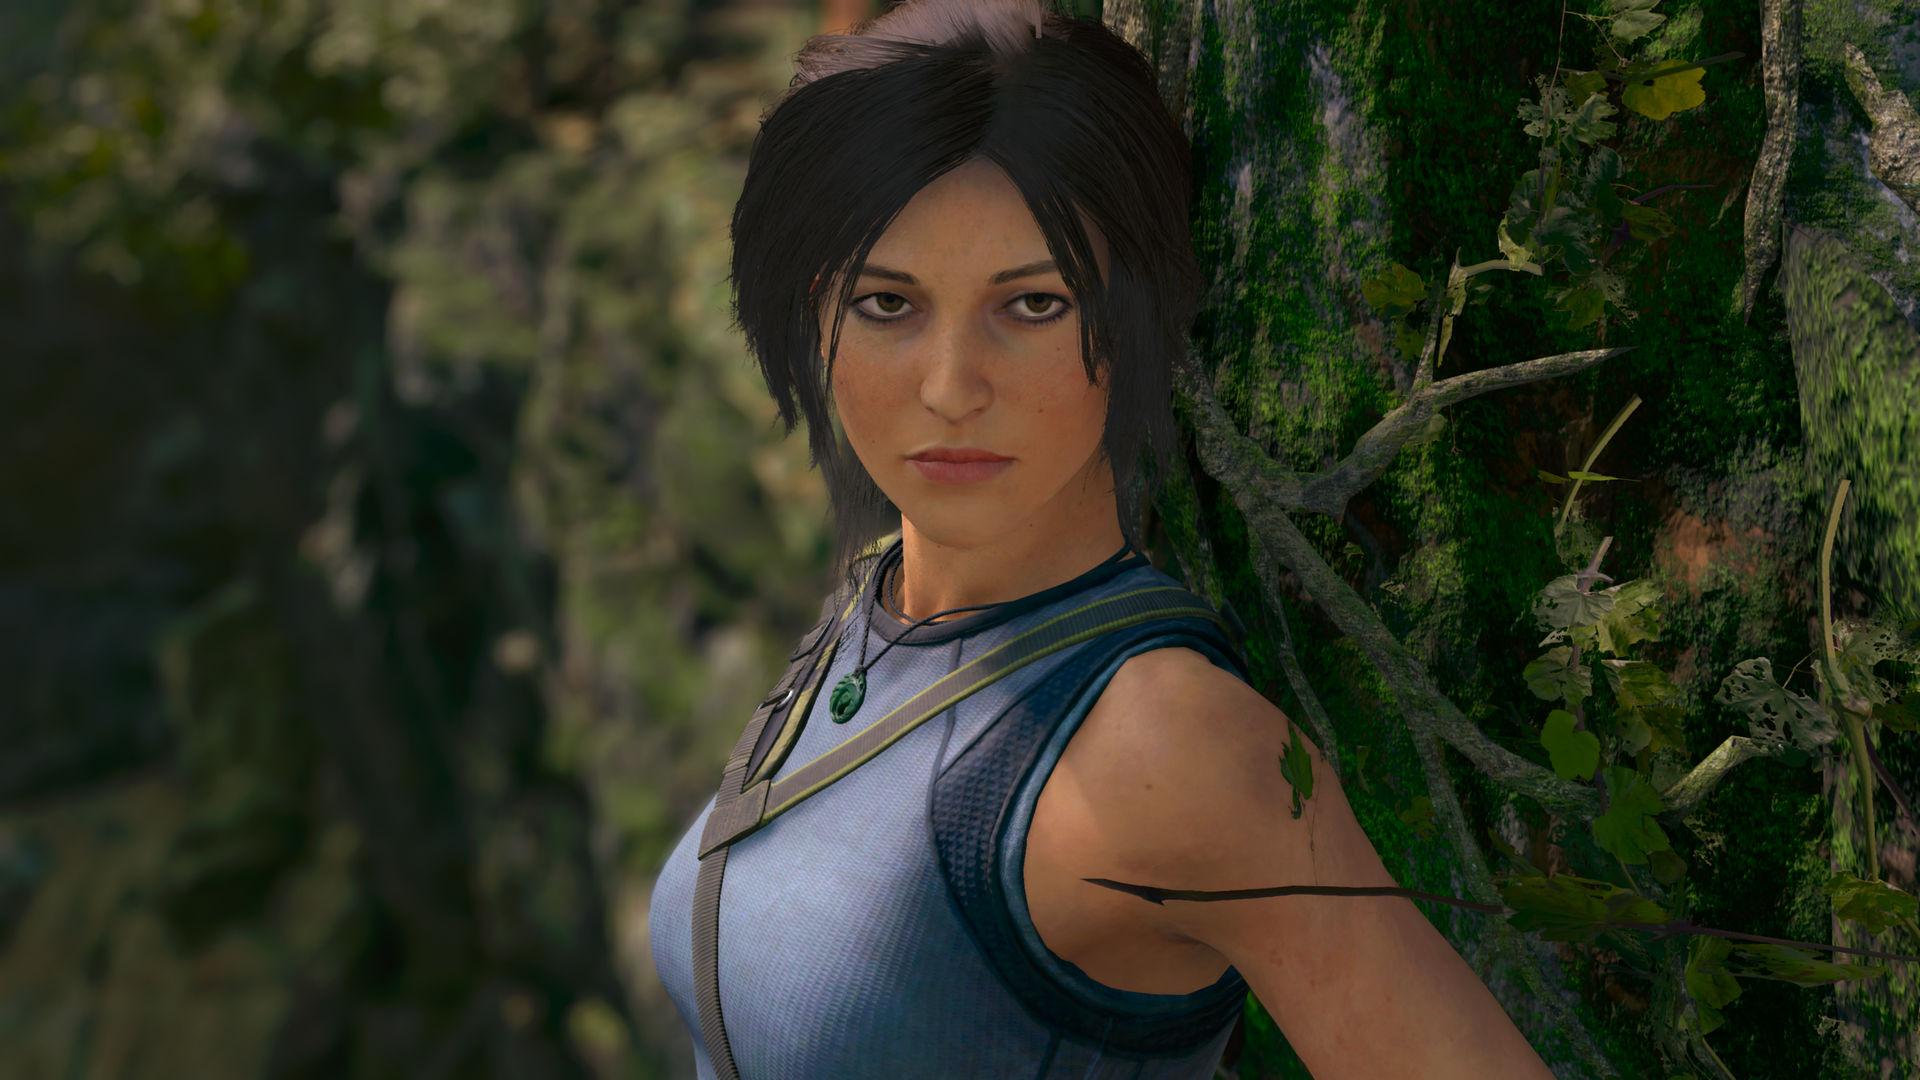 Tomb Raider Shoot 14 04 2019 6 By Merlin Mason On Deviantart